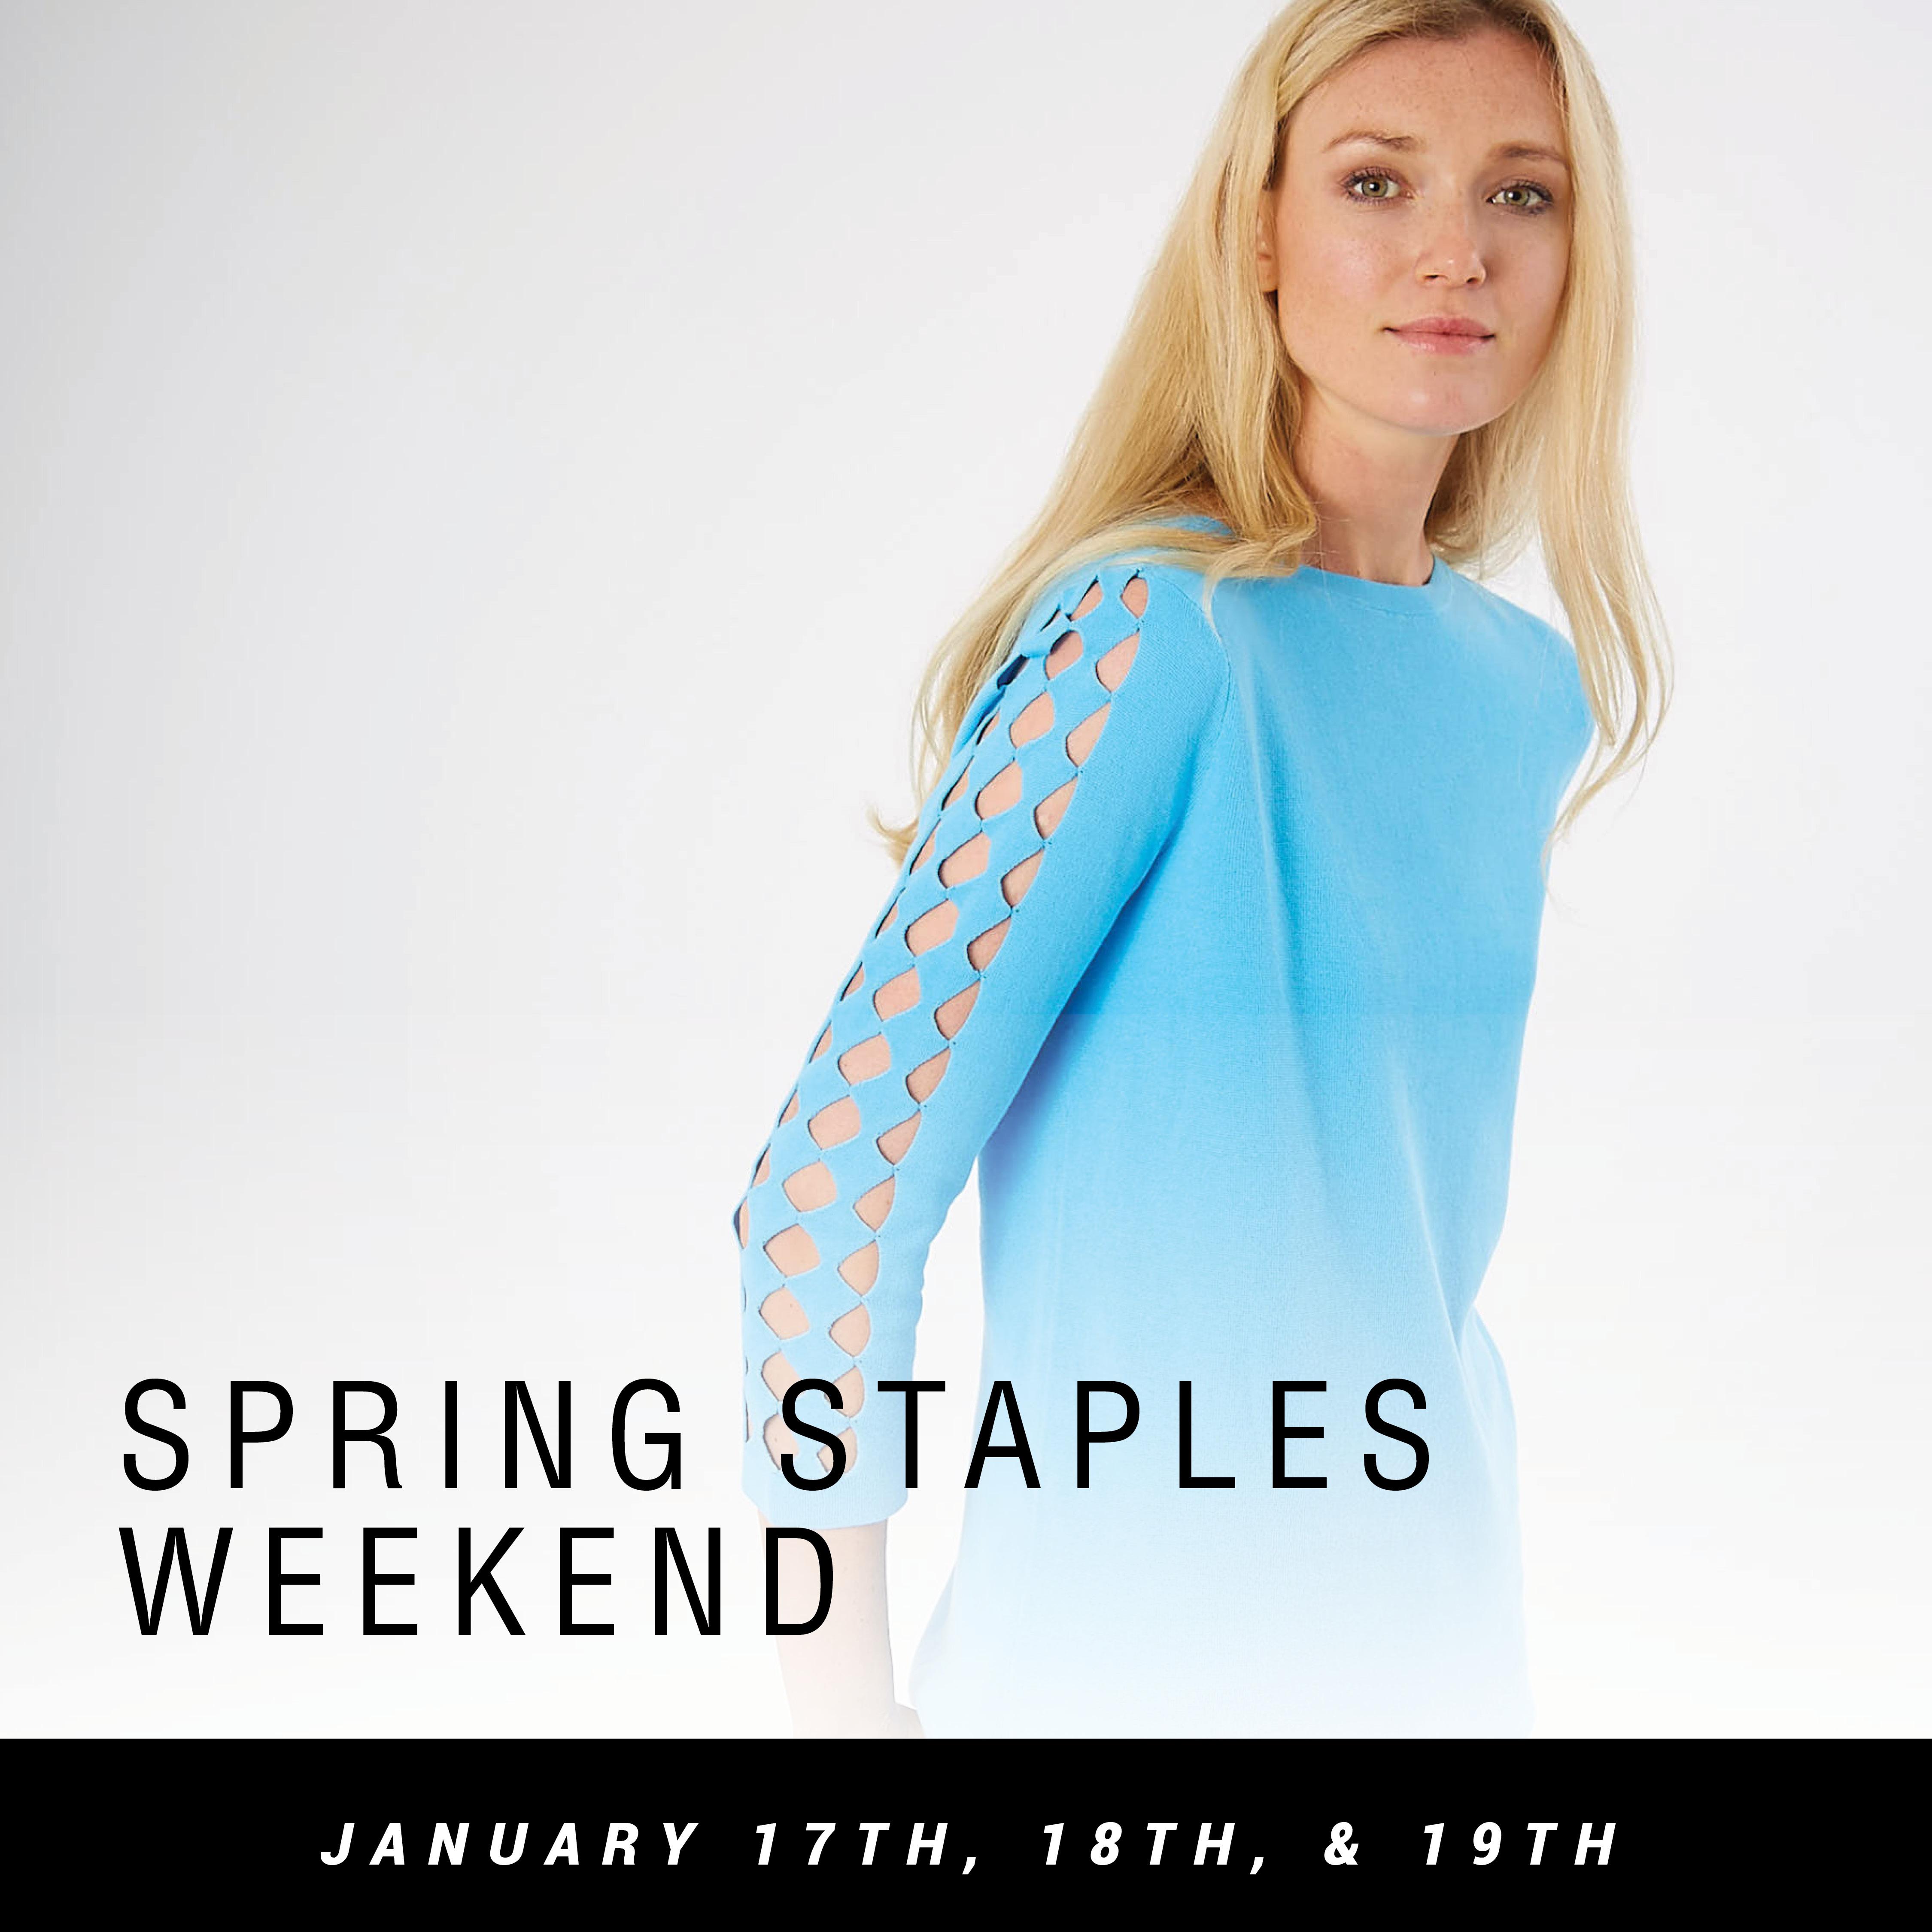 Spring Staples Weekend